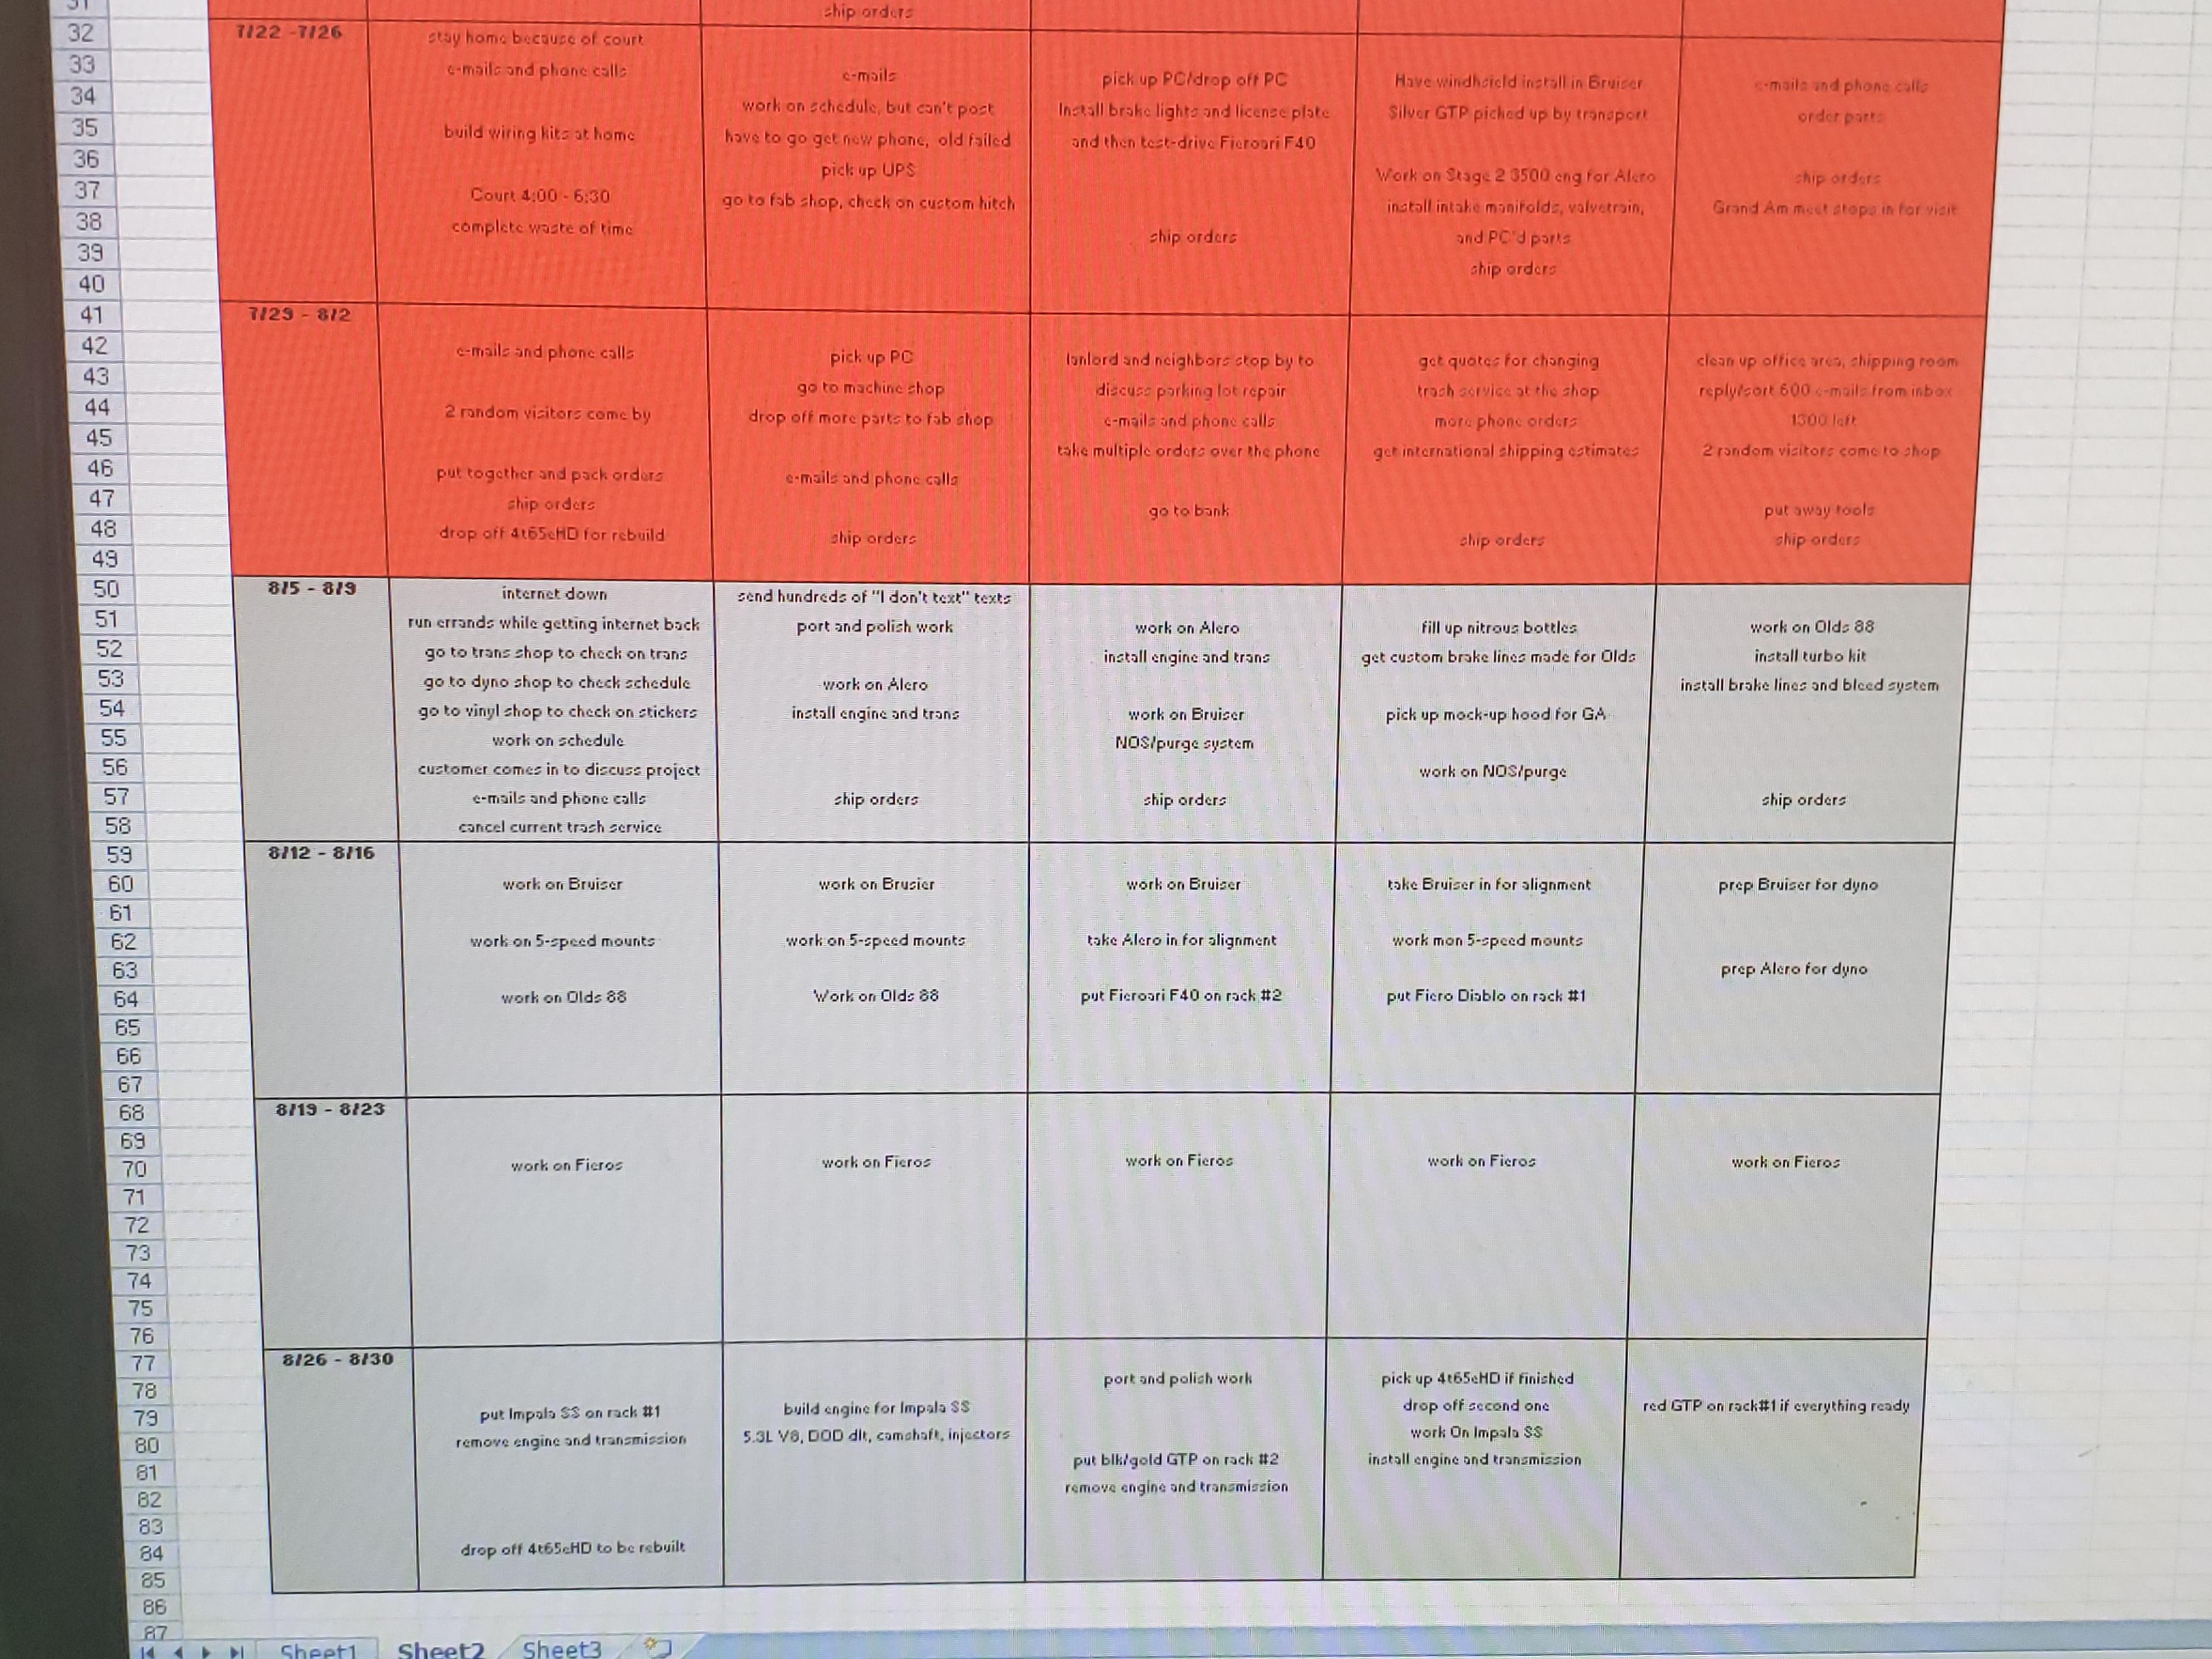 schedule080519.jpg